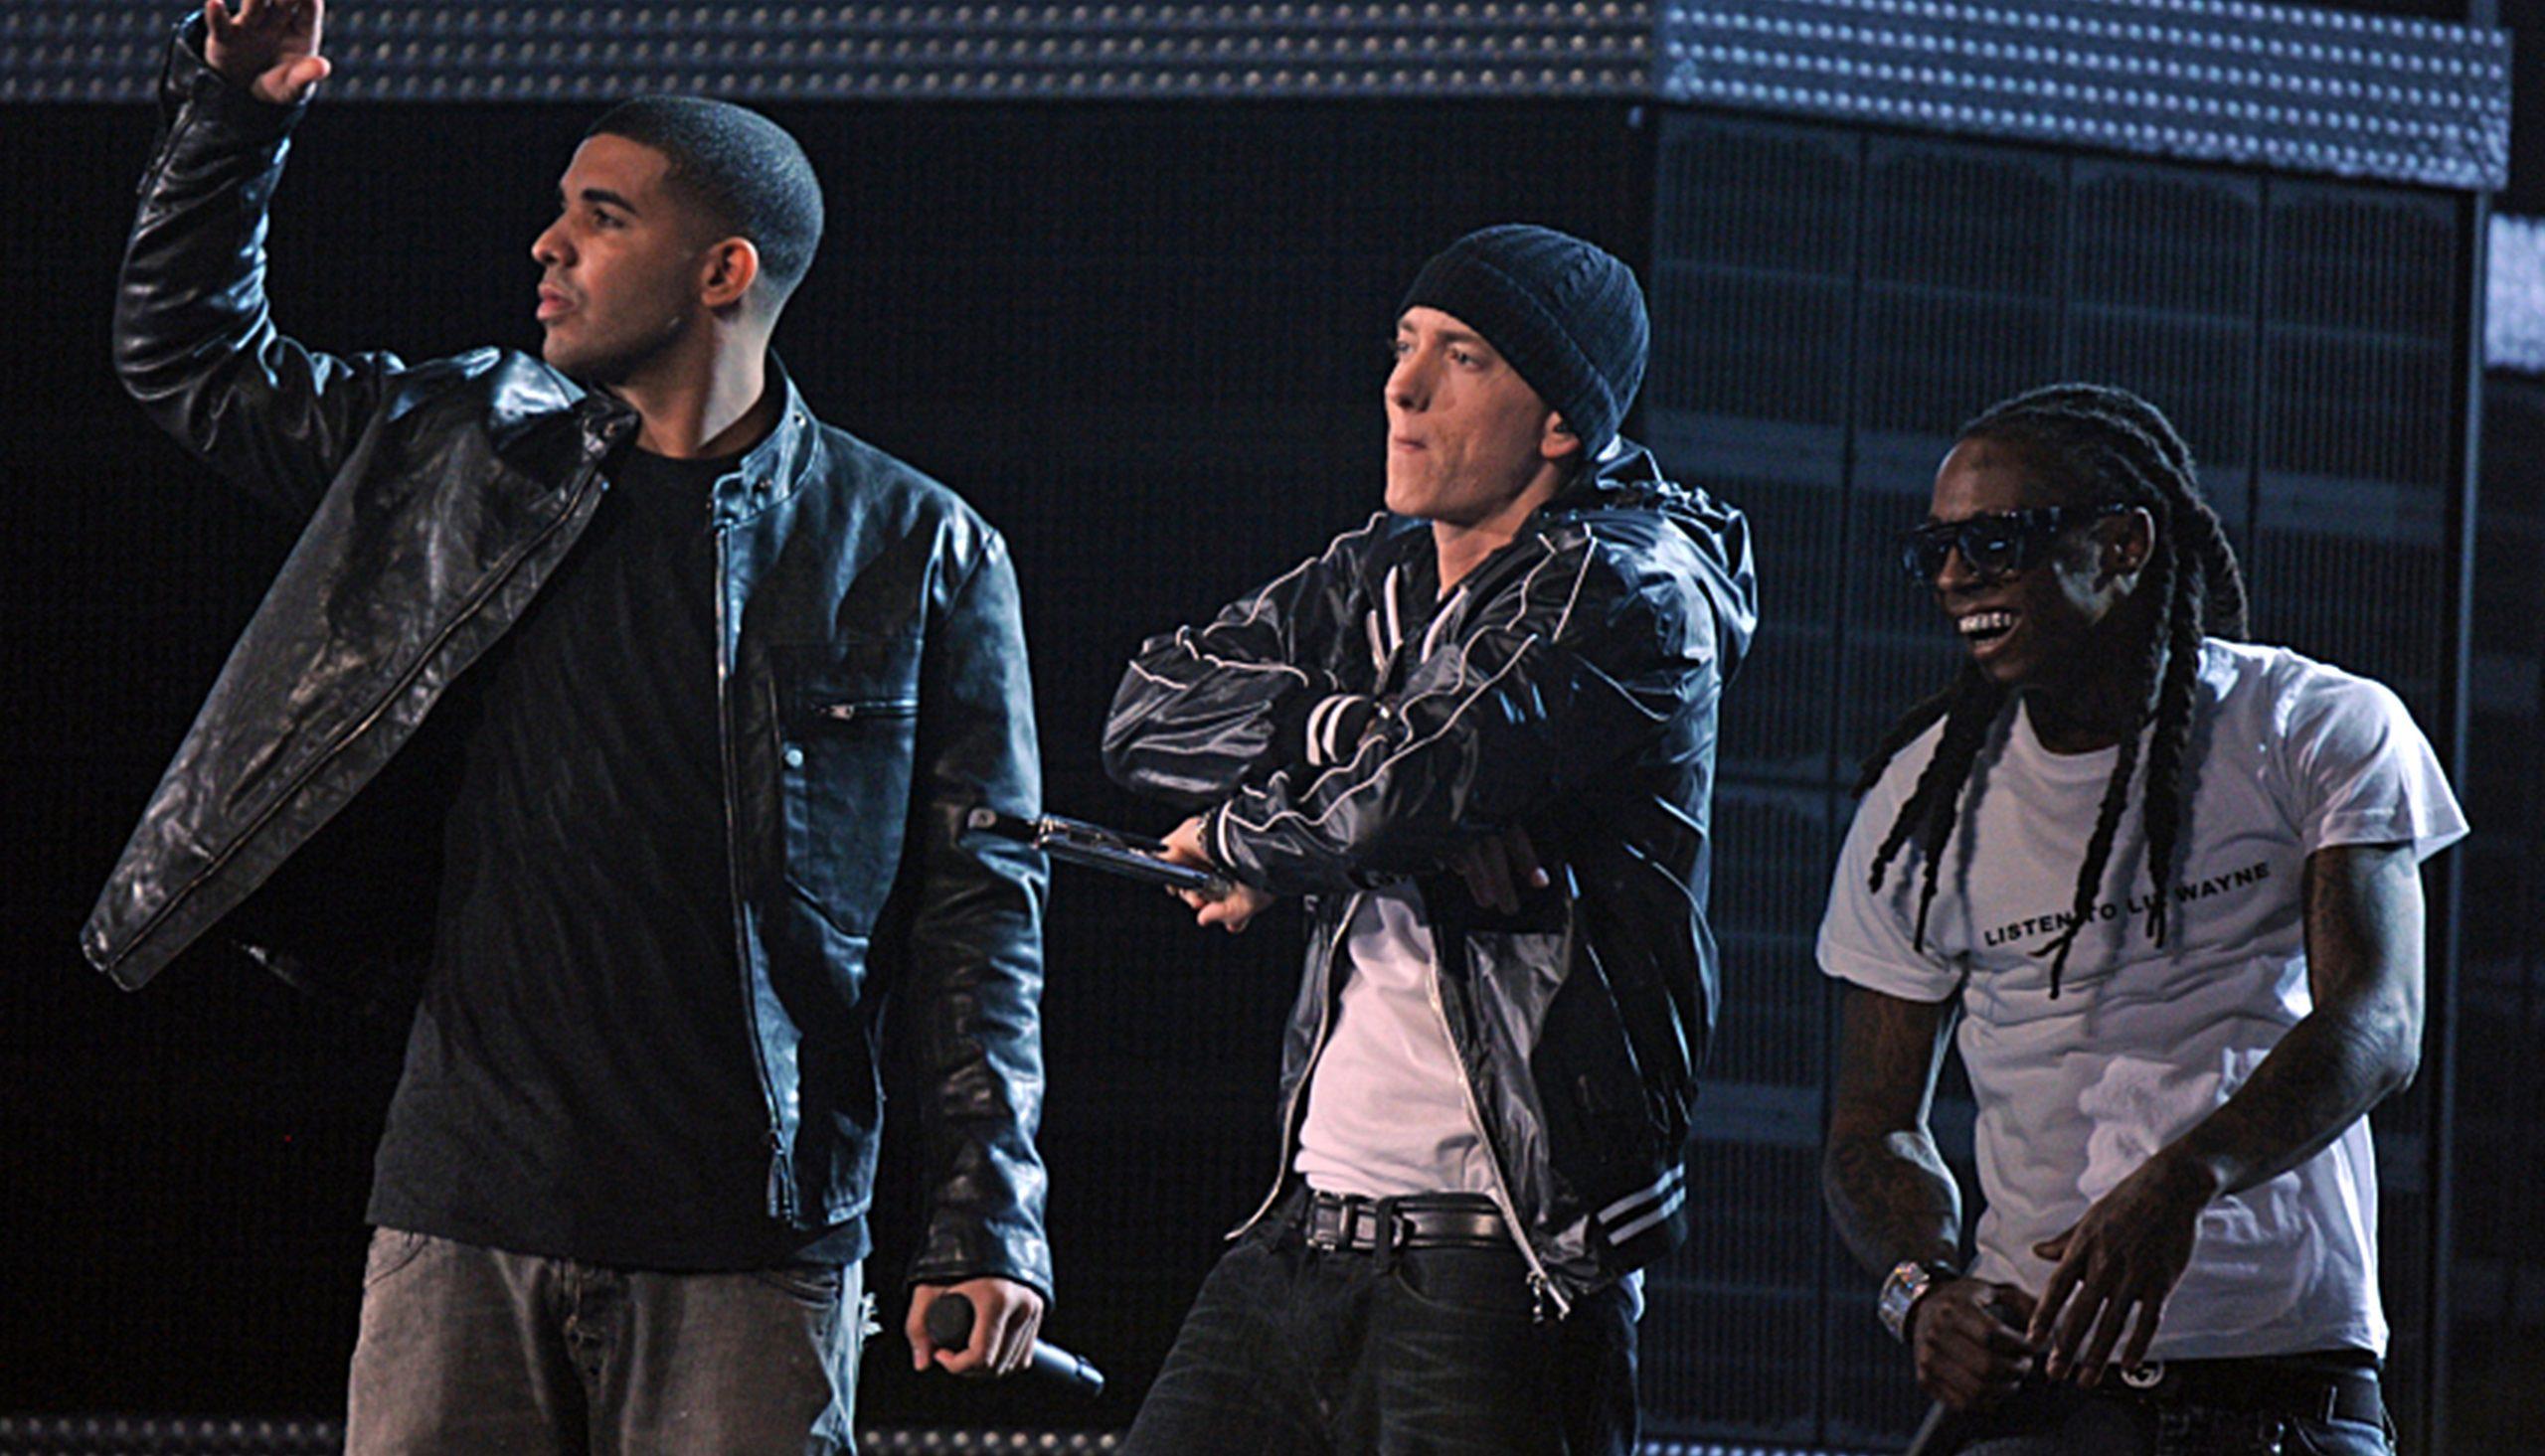 biggest-selling-rappers-of-all-time-eminem-drake-lil-wayne